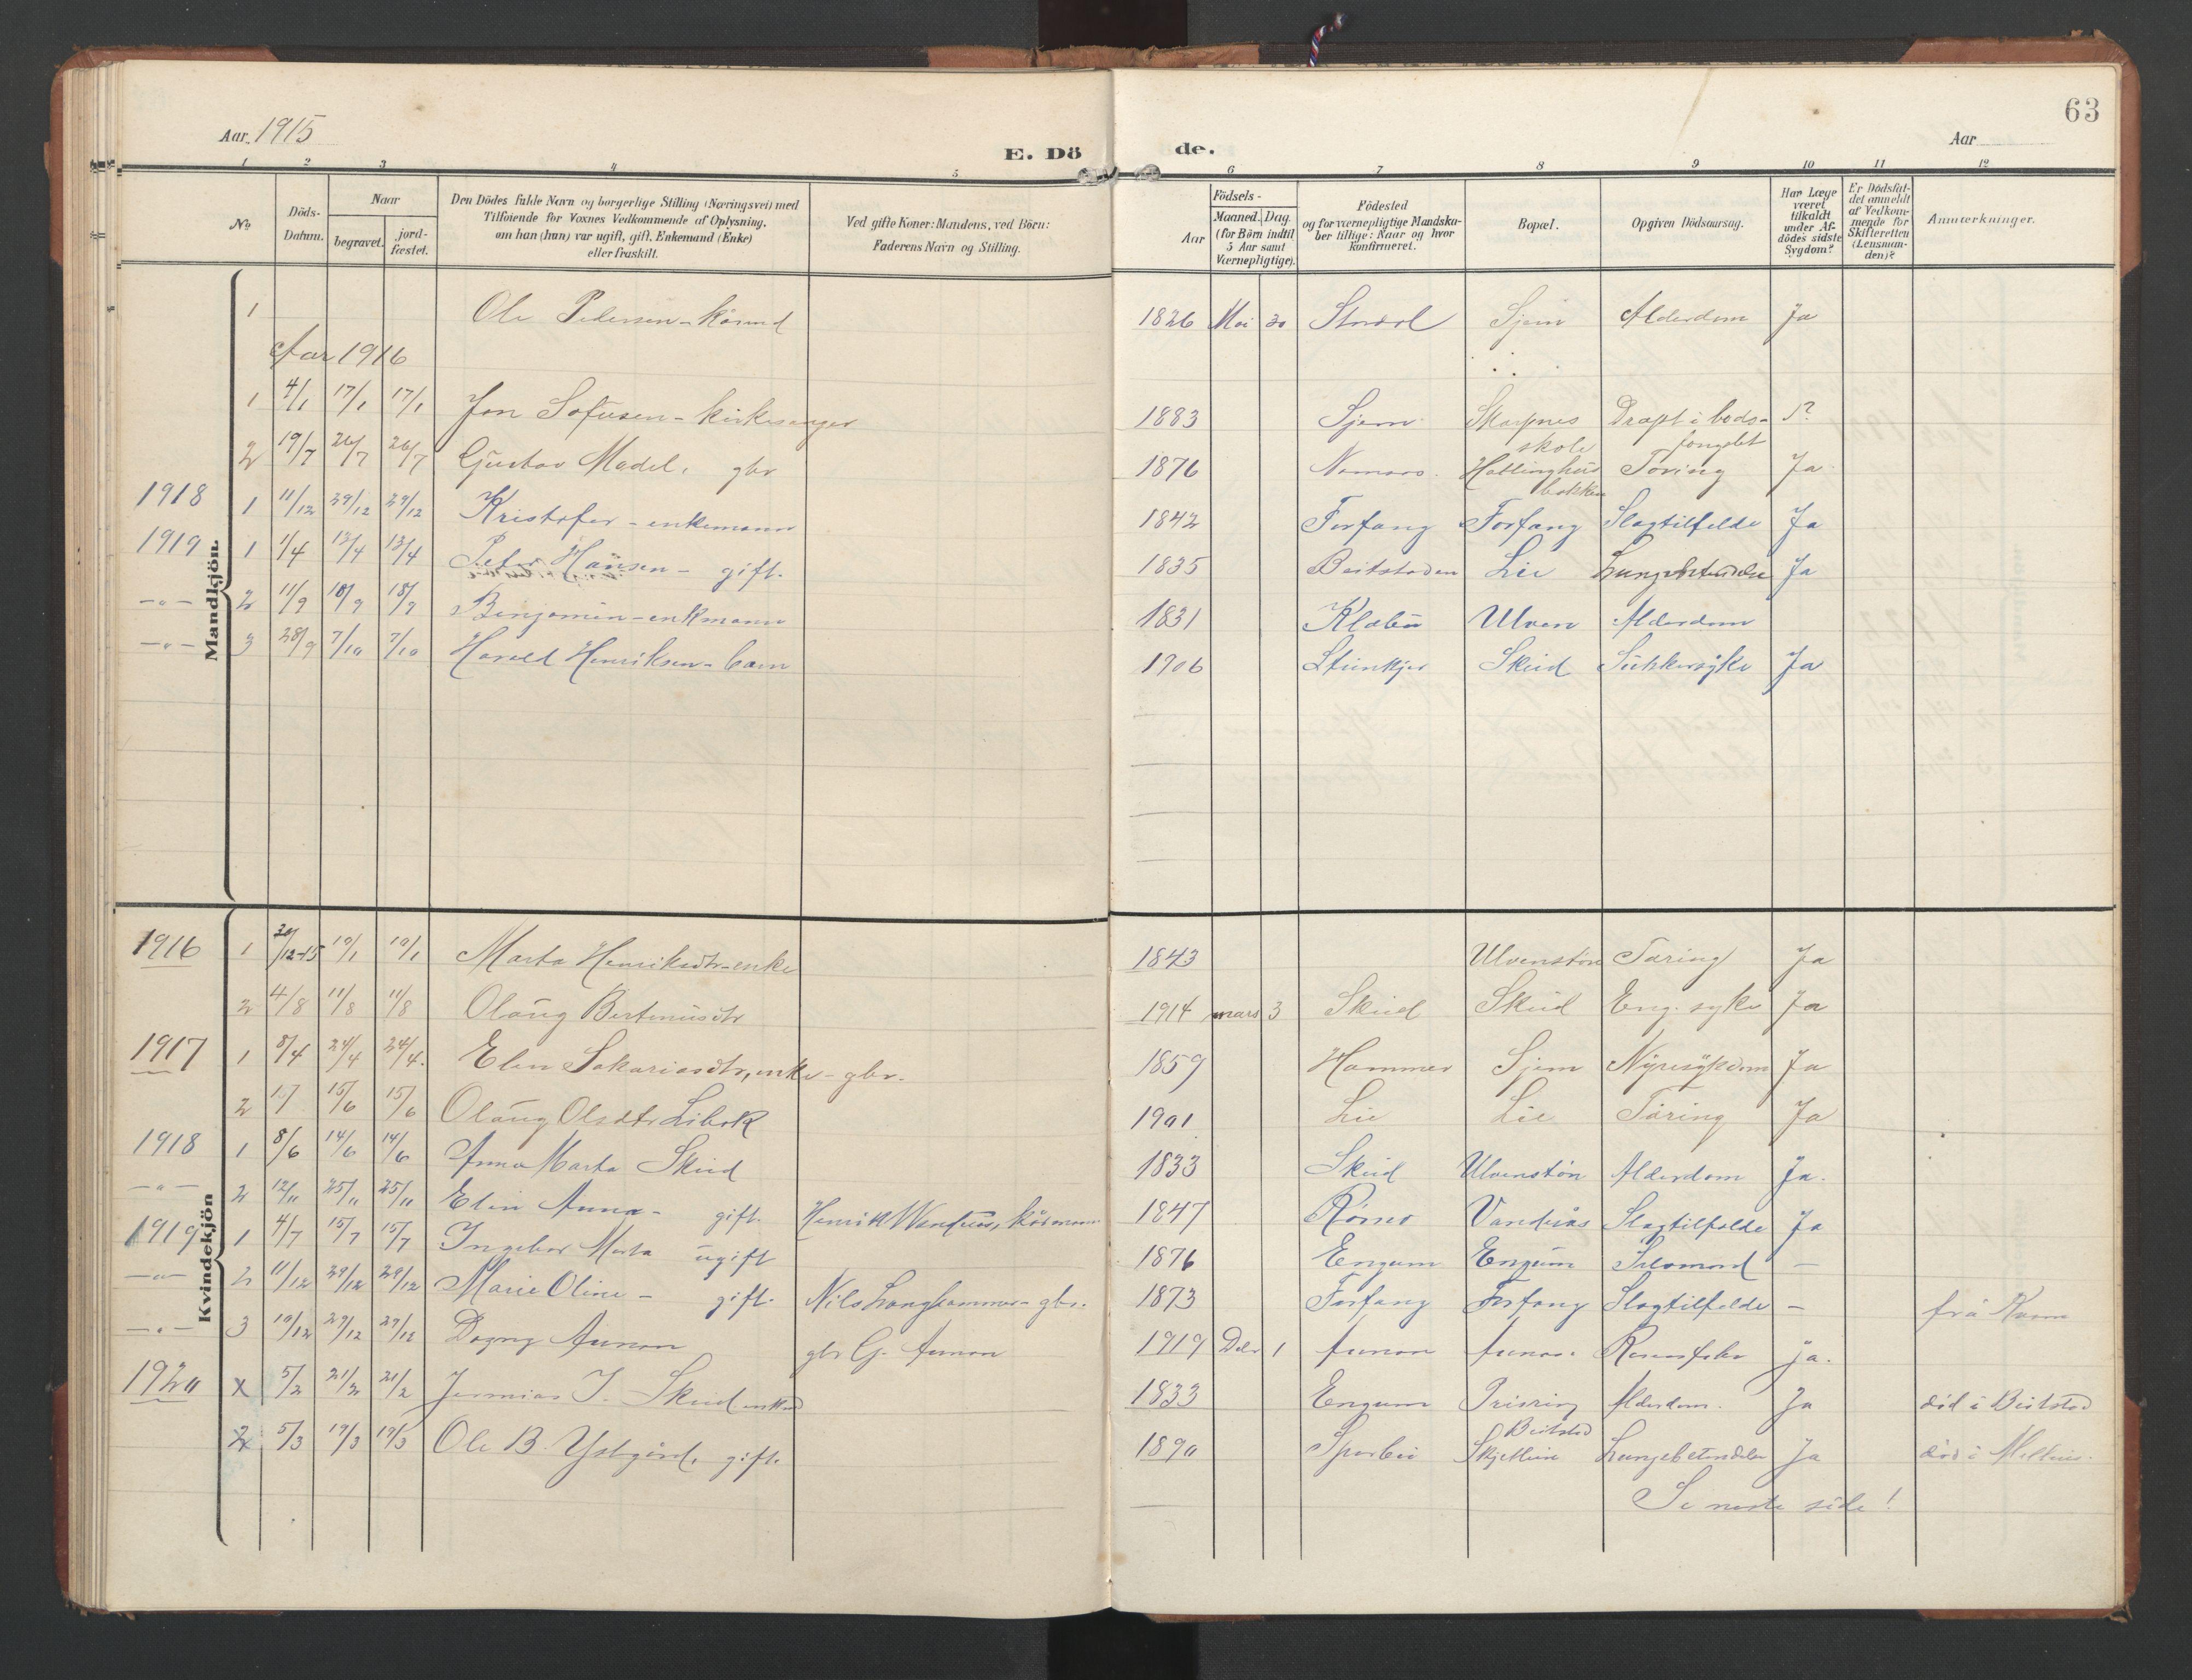 SAT, Ministerialprotokoller, klokkerbøker og fødselsregistre - Nord-Trøndelag, 748/L0465: Klokkerbok nr. 748C01, 1908-1960, s. 63